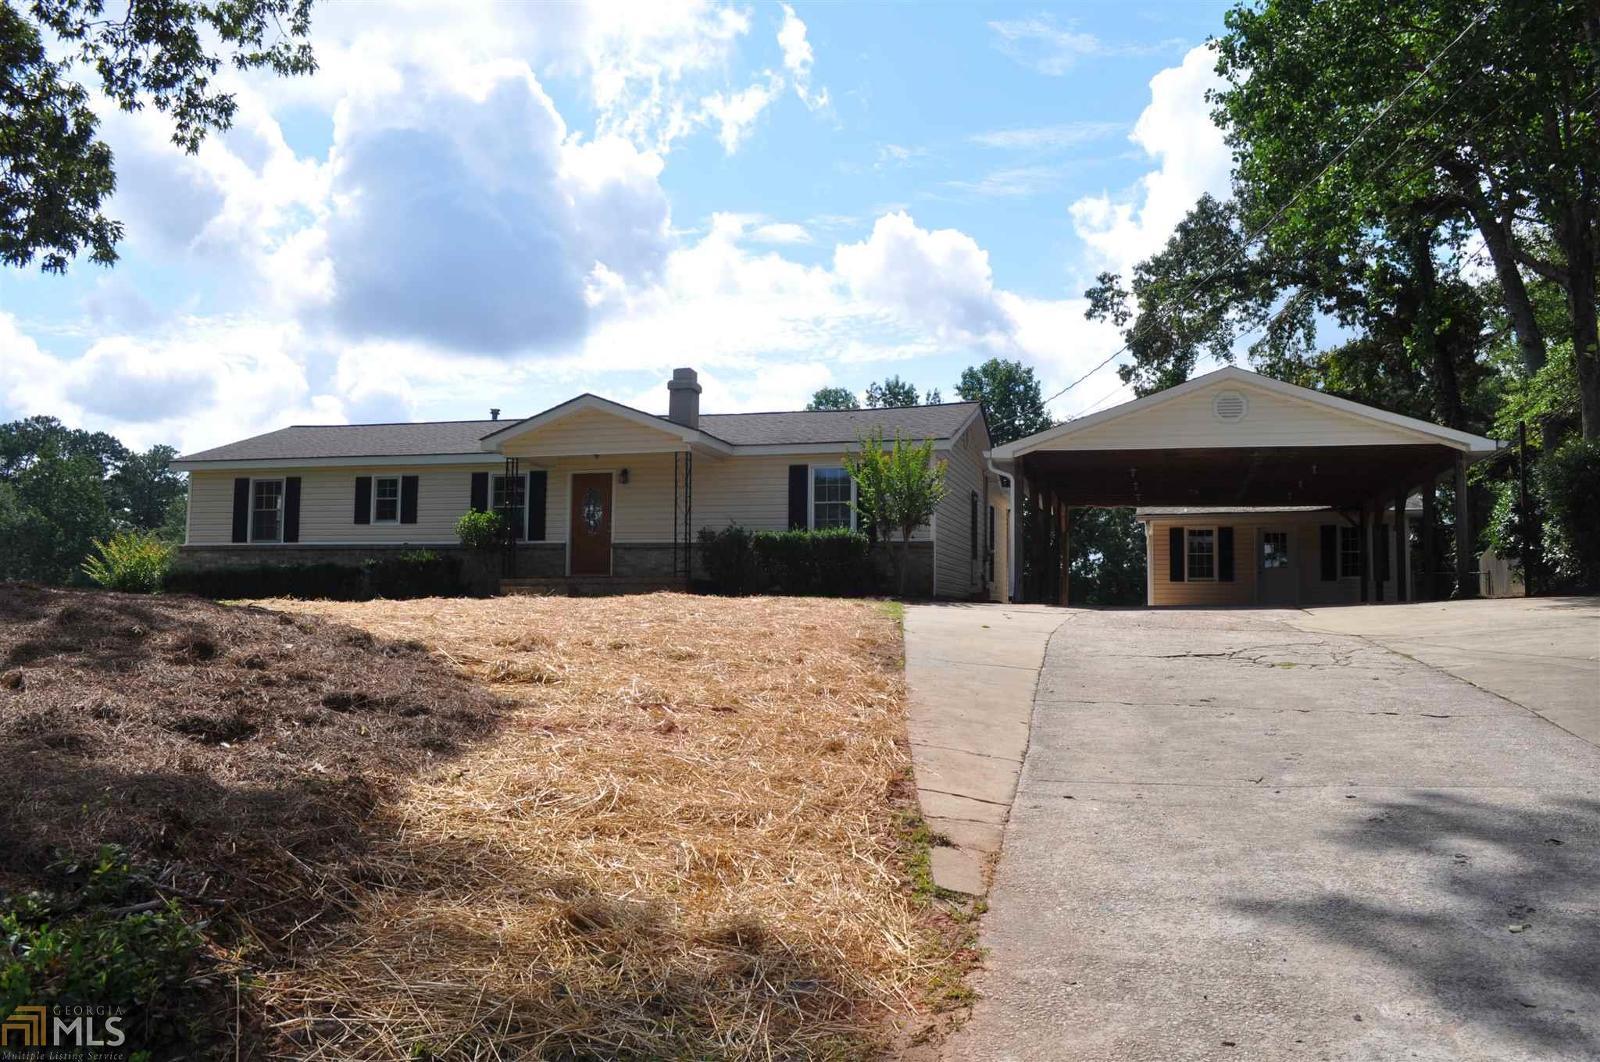 3011 old west point rd lagrange ga mls 8225016 for Home builders lagrange ga